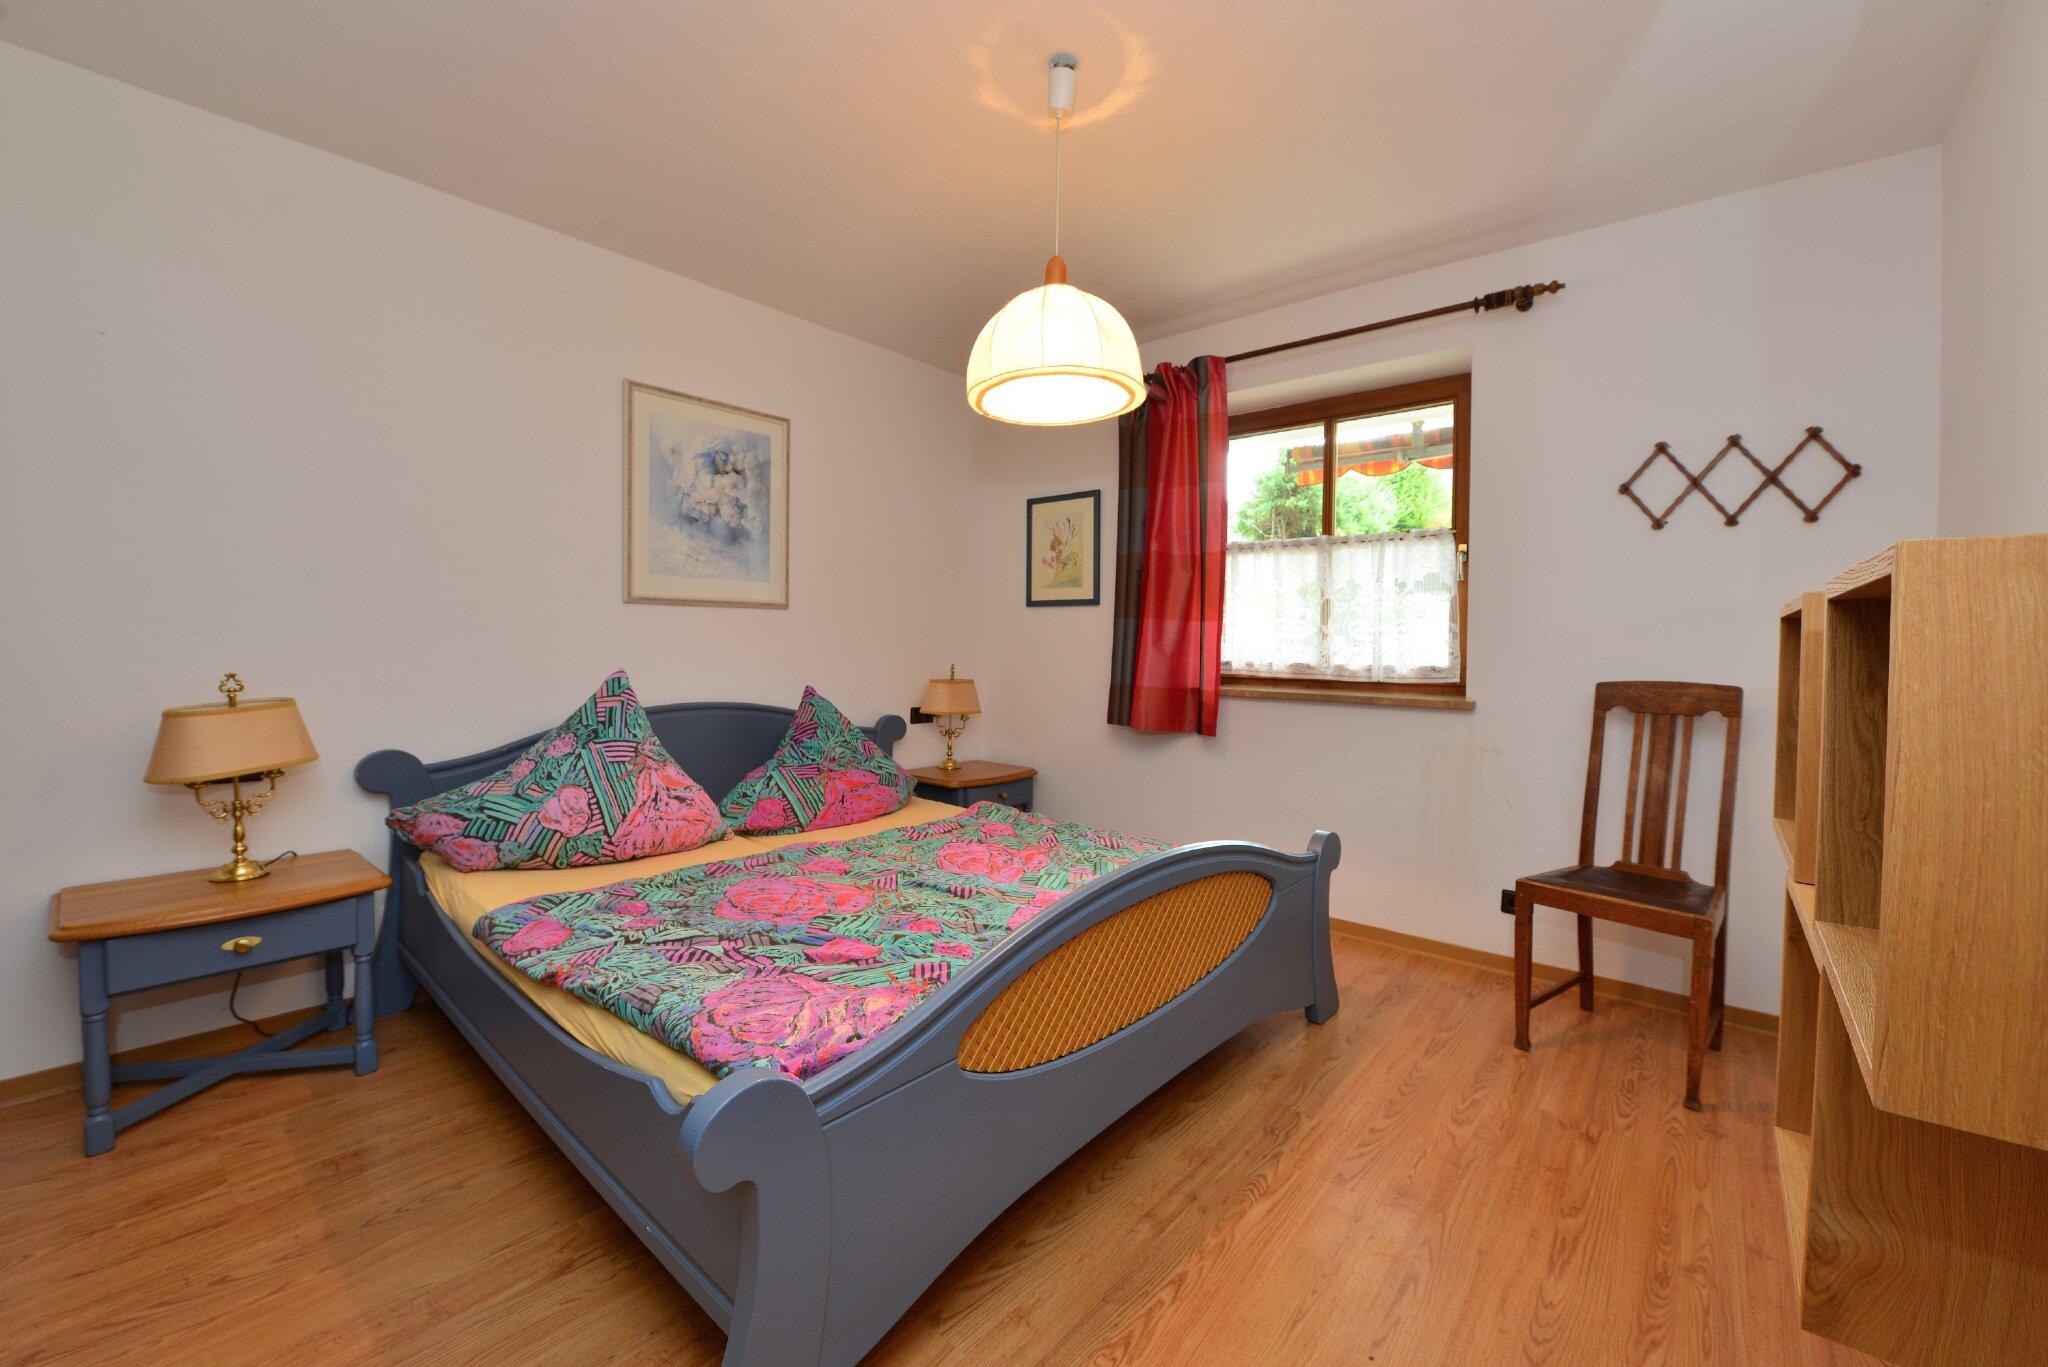 Doppelschrankbett im Wohnzimmer